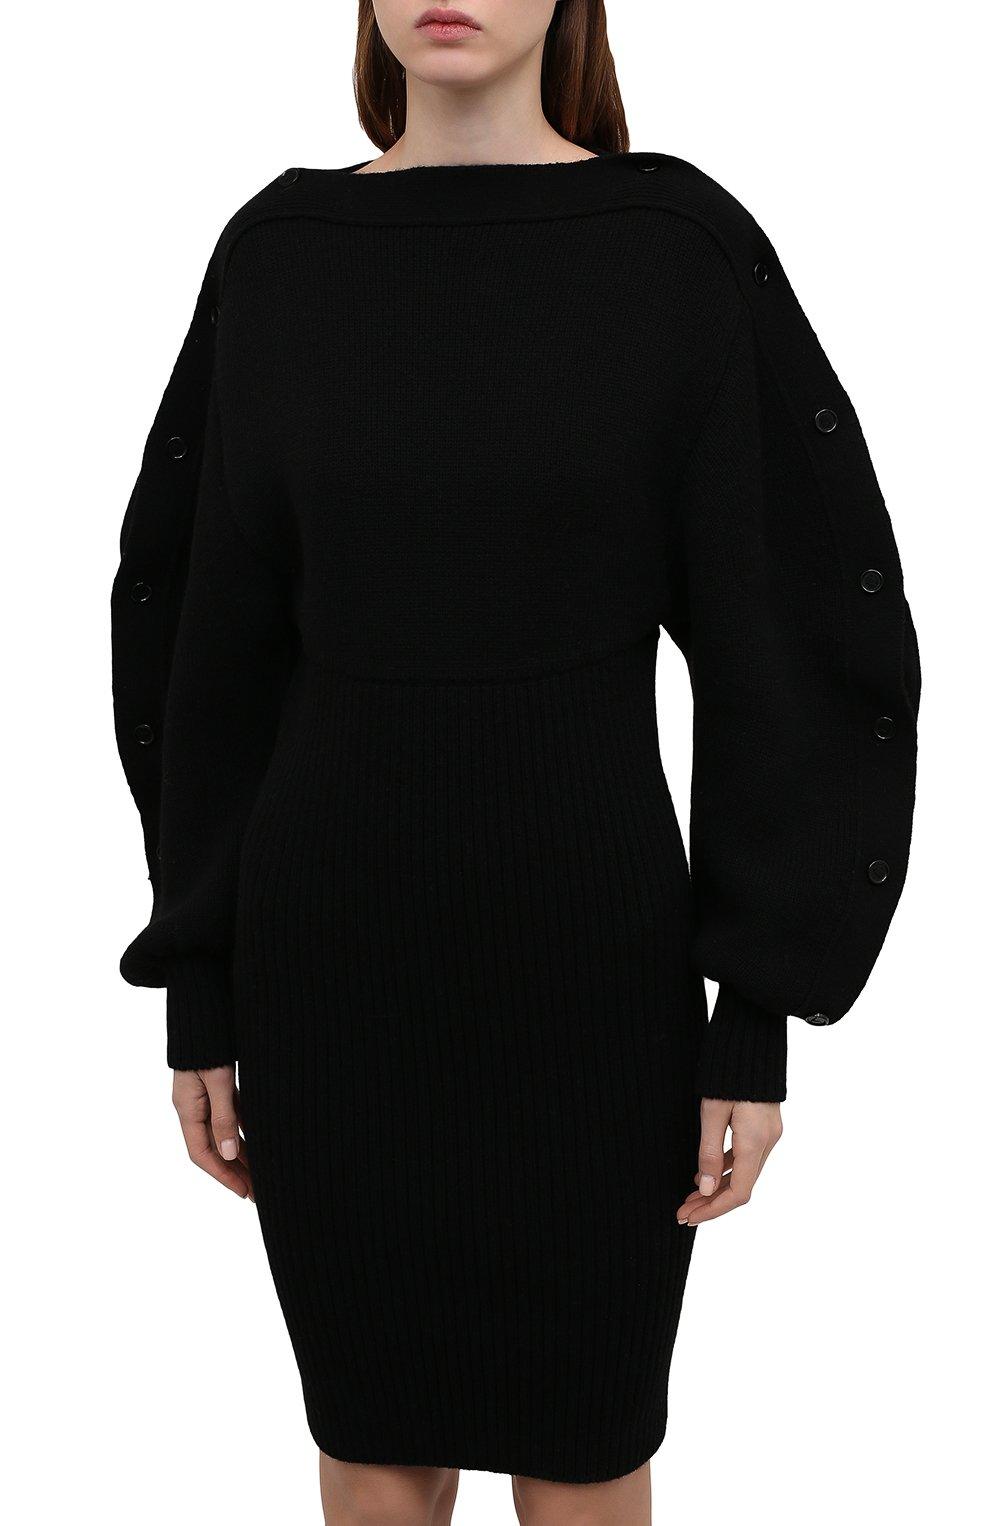 Женское шерстяное платье BOTTEGA VENETA черного цвета, арт. 677420/V1F50 | Фото 3 (Материал внешний: Шерсть; Рукава: Длинные; Длина Ж (юбки, платья, шорты): Мини, До колена; Случай: Повседневный; Кросс-КТ: Трикотаж; Стили: Бохо; Женское Кросс-КТ: Платье-одежда)